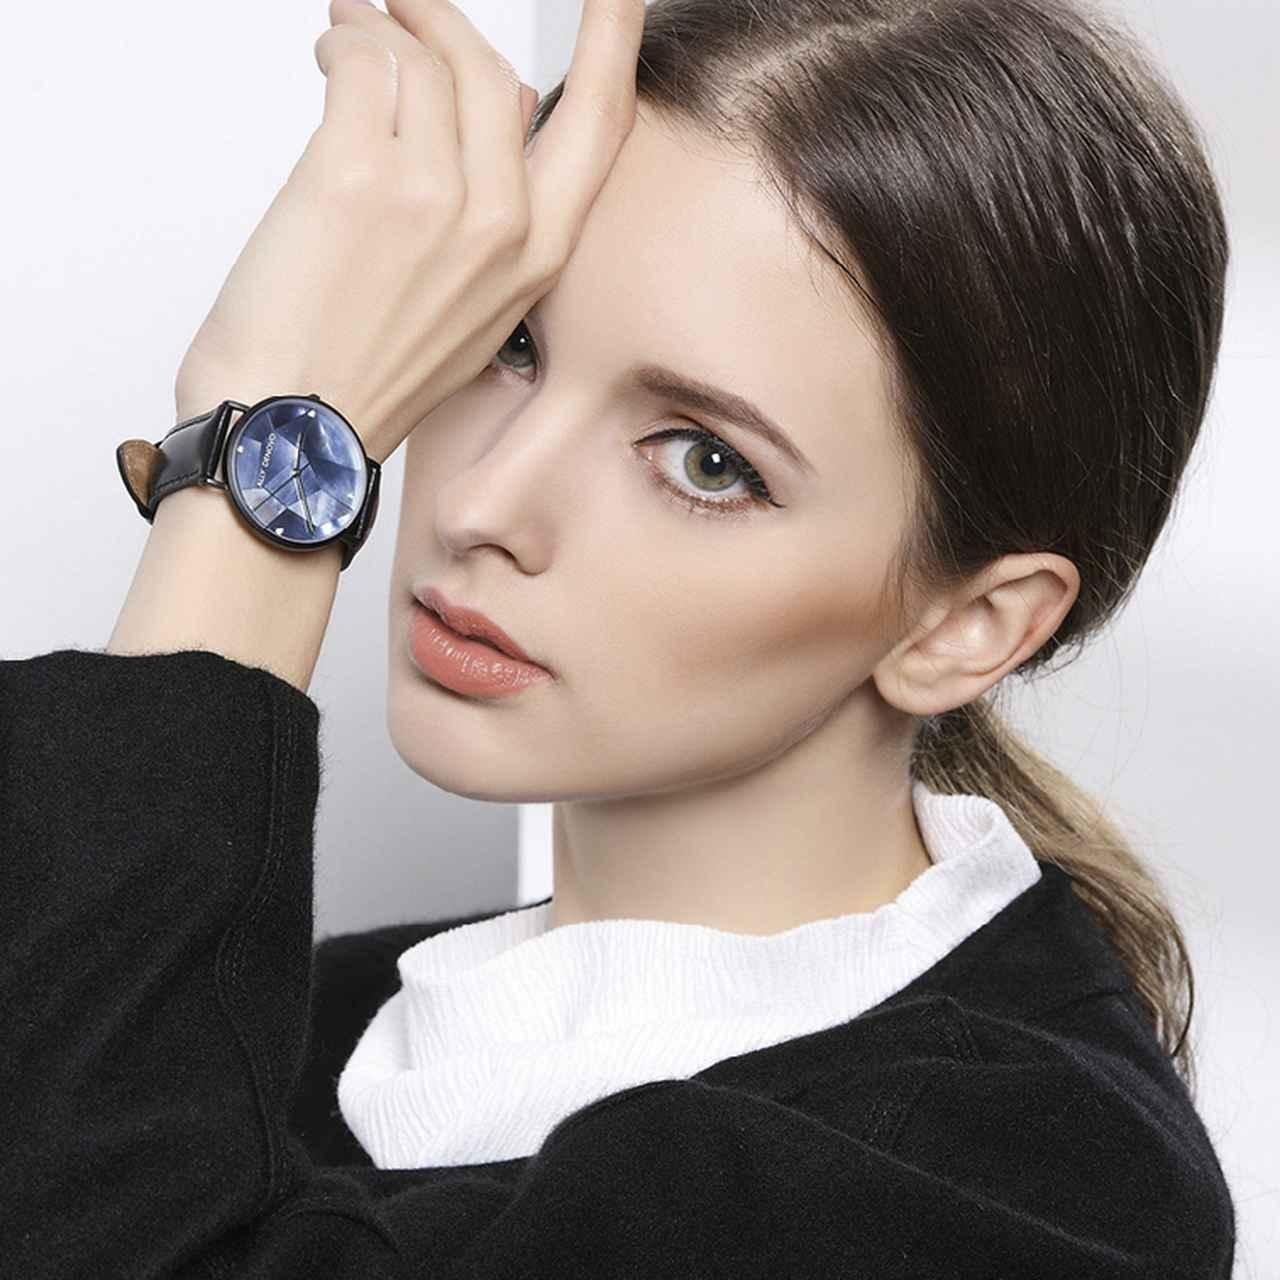 画像6: 腕時計+アクセサリー=ALLY DENOVO 世界で話題のファッションウォッチブランド